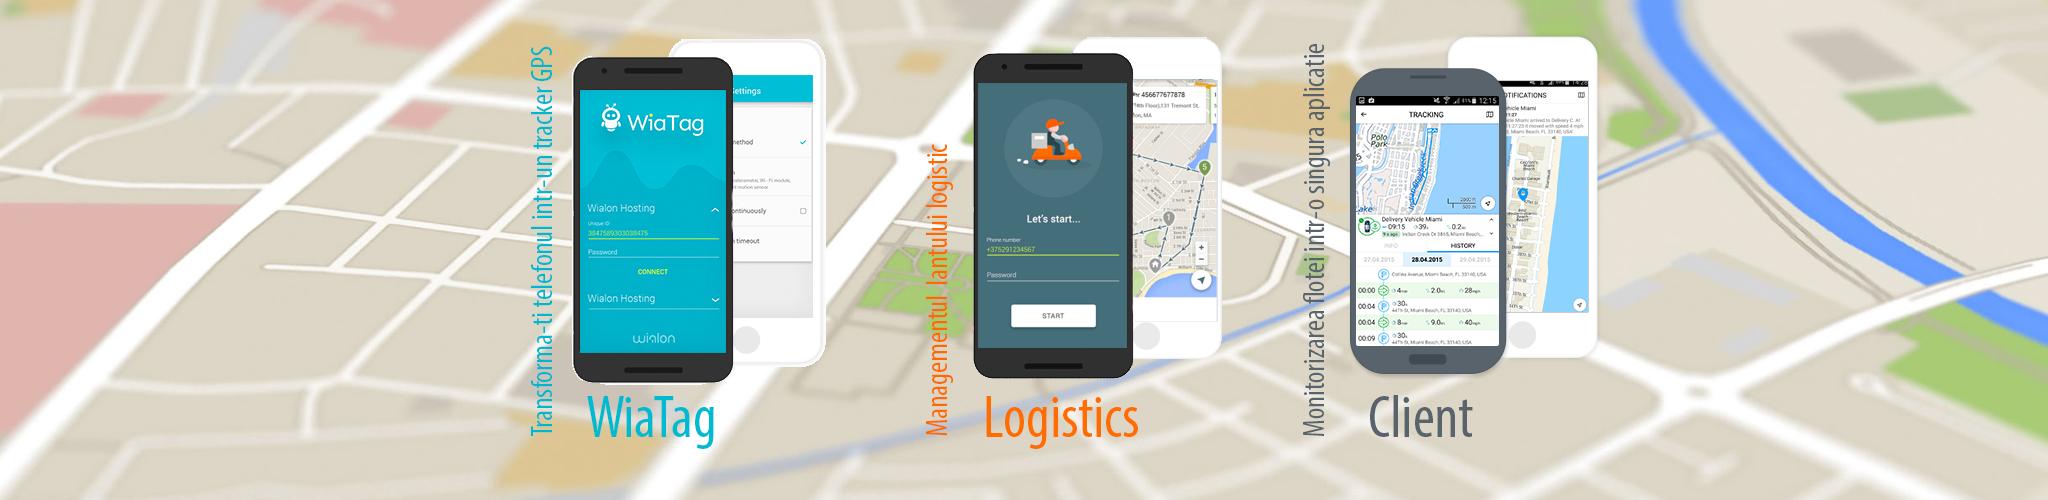 aplicatii mobile monitorizare gps ProGPS.ro